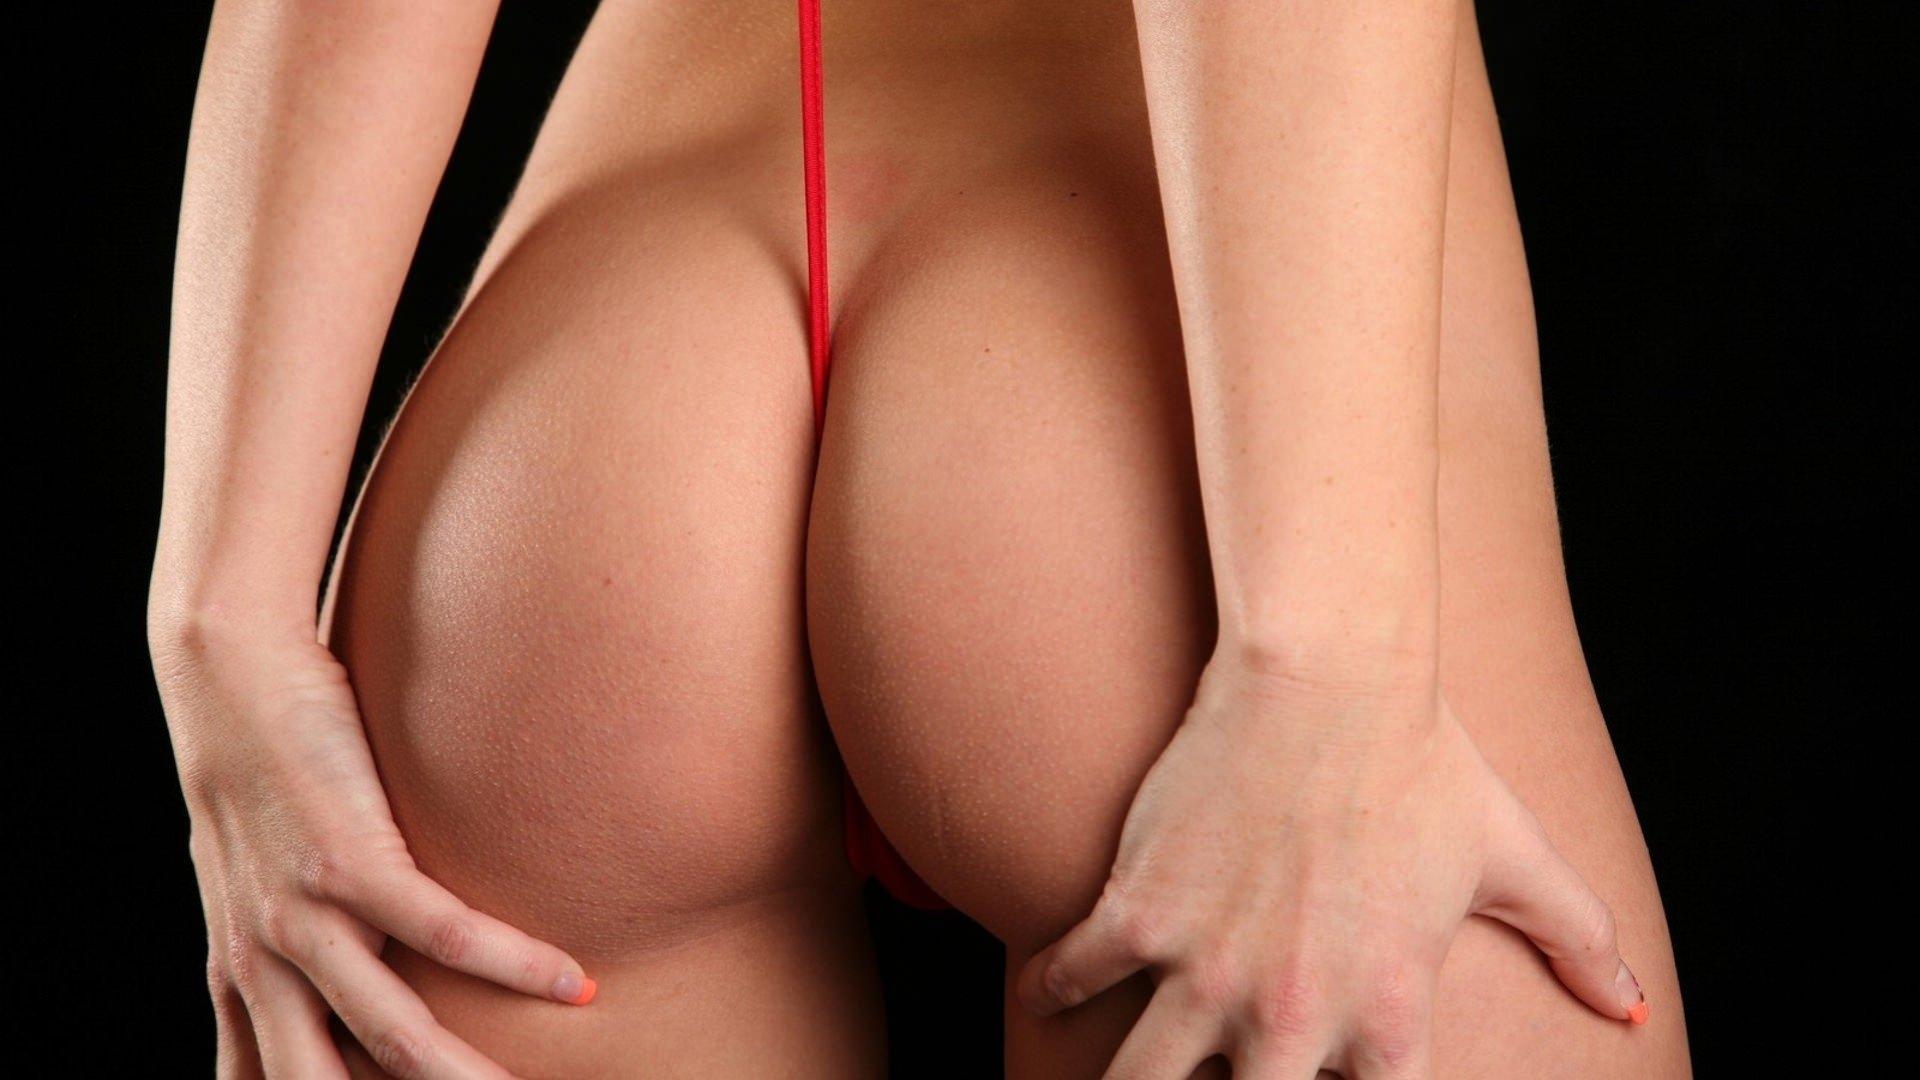 Фото Девушка натянула красную веревку между ног, упругая голая попка, руки гладят попу, скачать картинку бесплатно